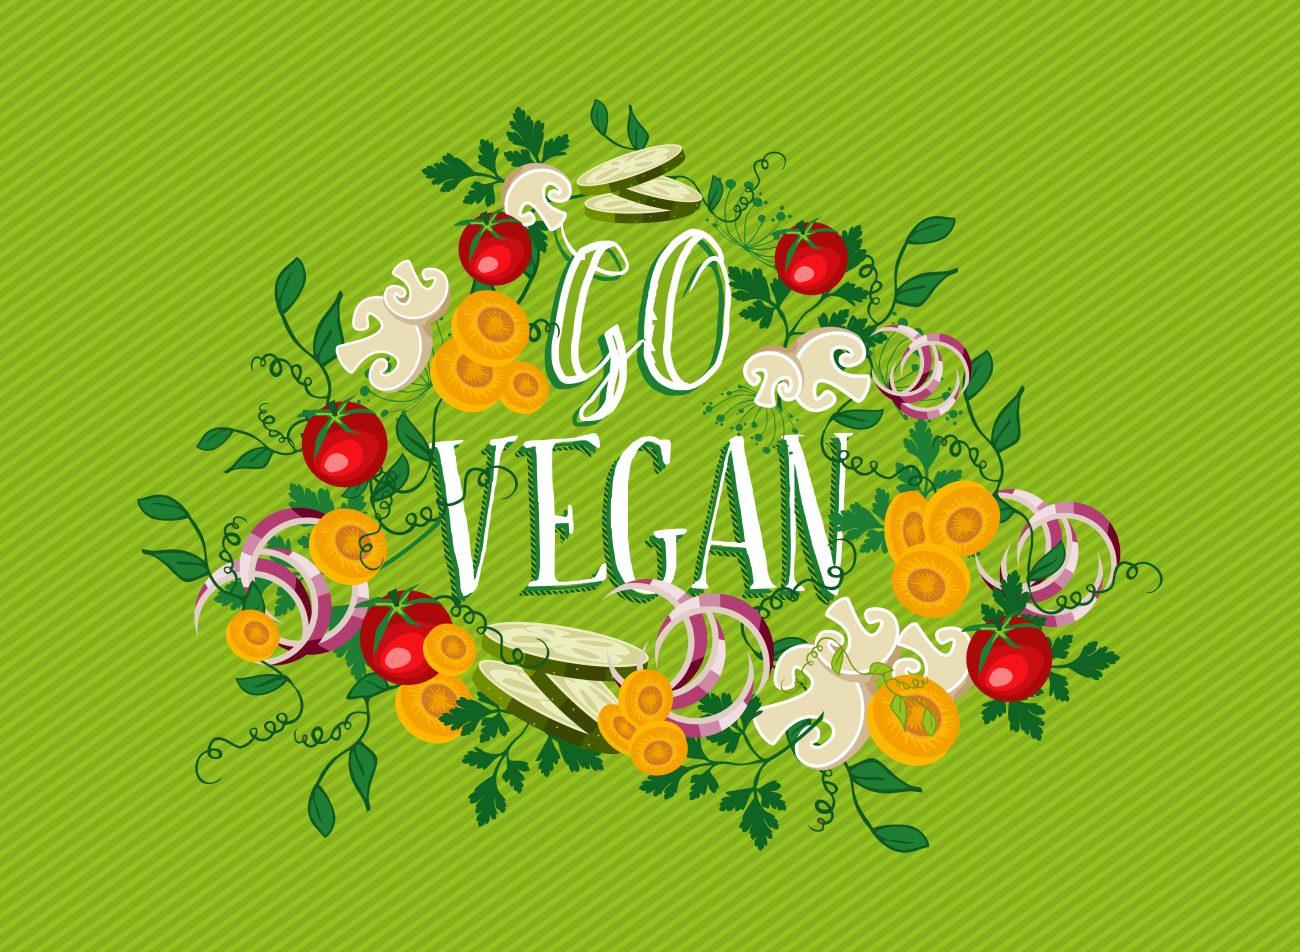 La-premiere-journee-journee-veggie-mondiale